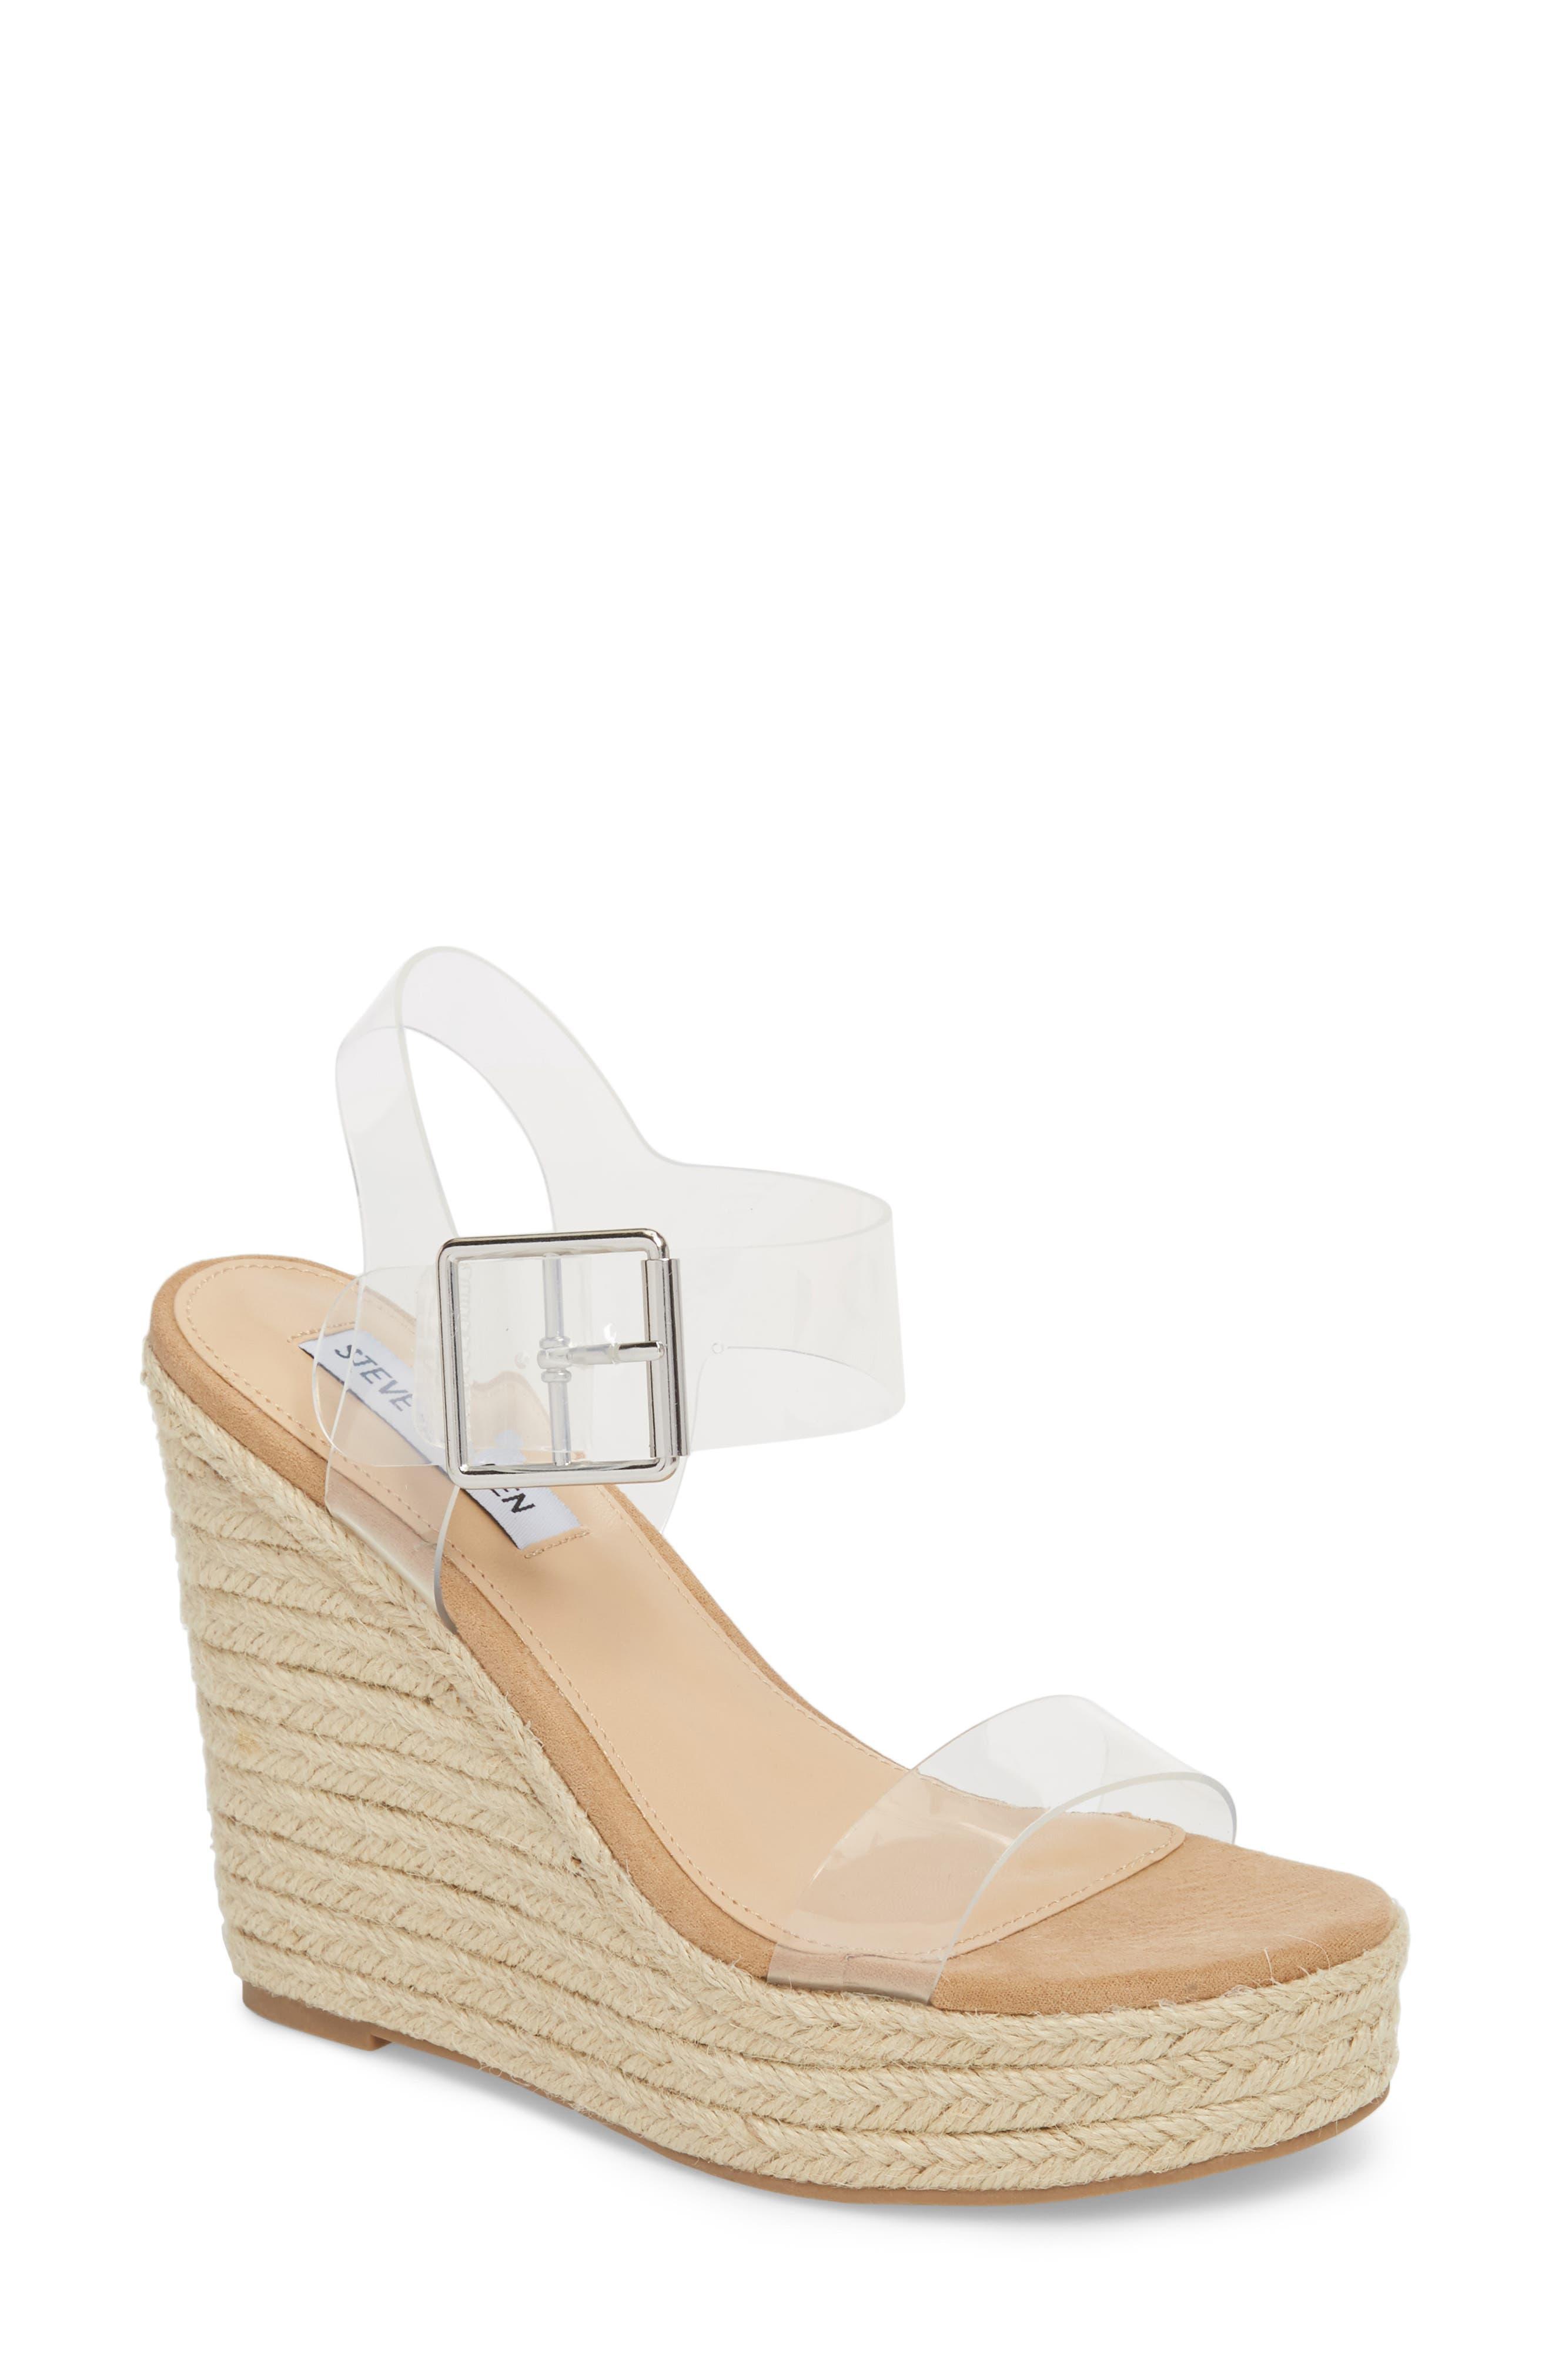 Steve Madden Splash Transparent Strap Wedge Sandal (Women)